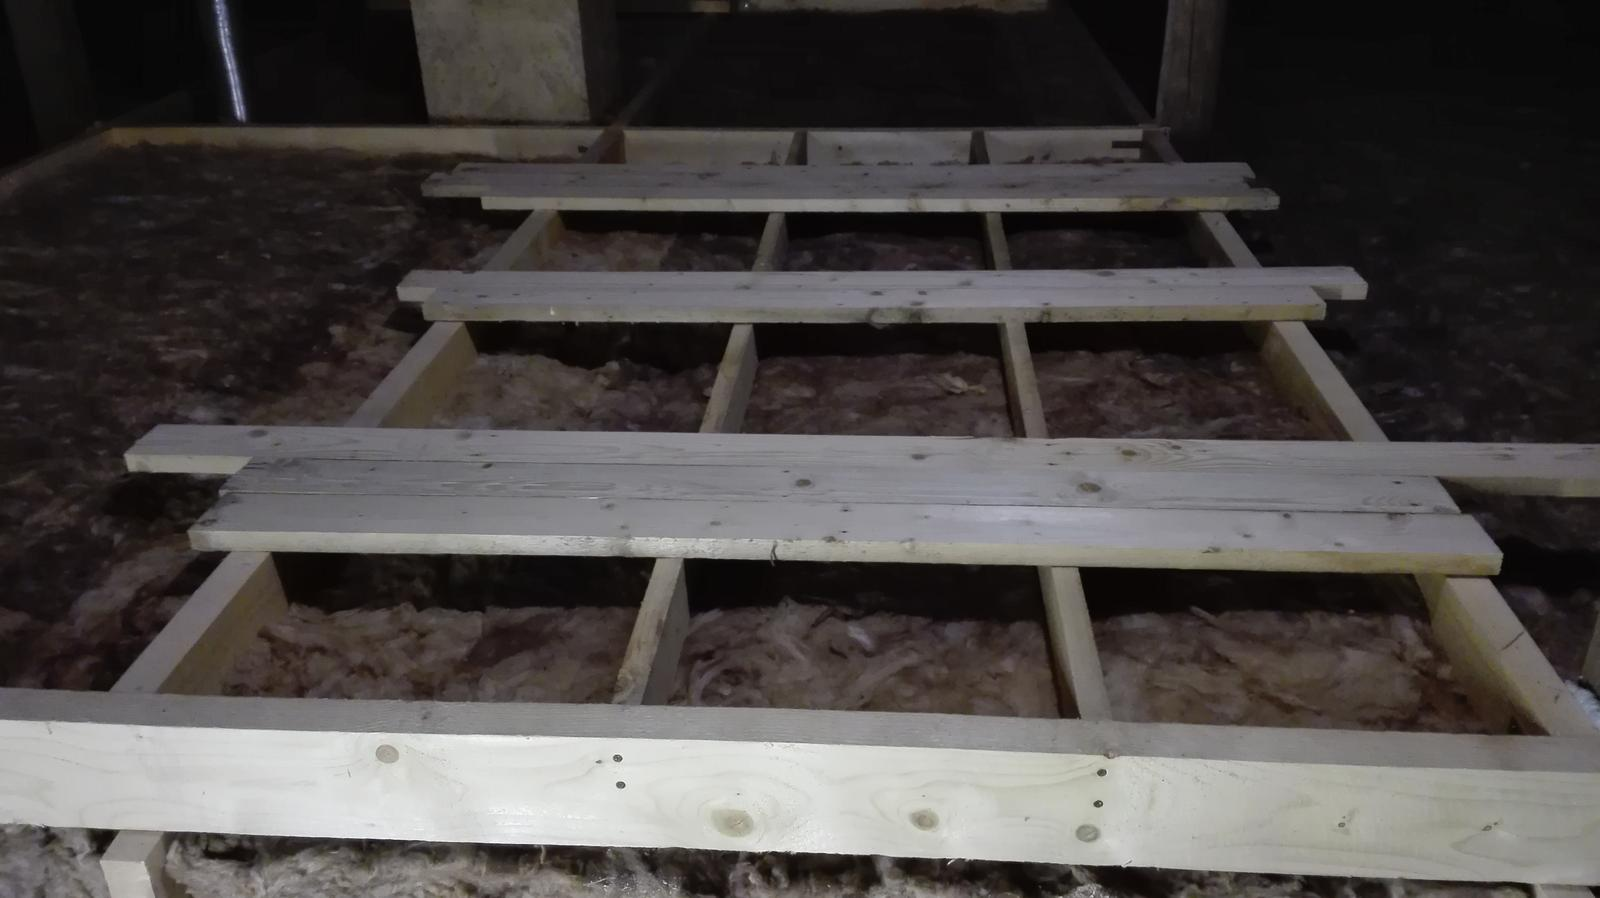 Zlepsenie tepelnoizolacnych vlastností tramoveho stropu - Obrázok č. 26